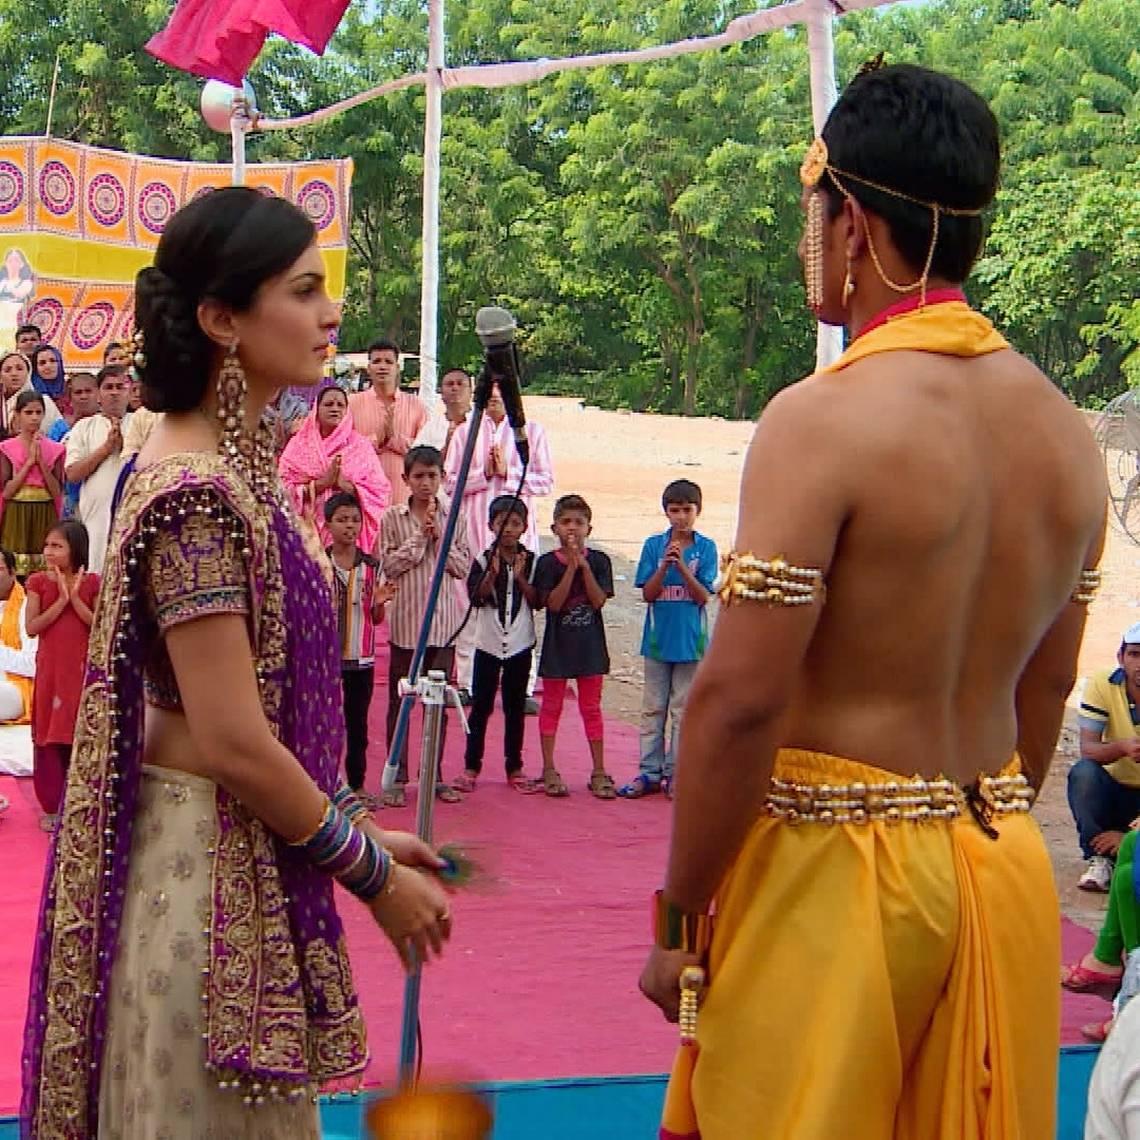 La poetisa Mira y su gran devoción por Krishna